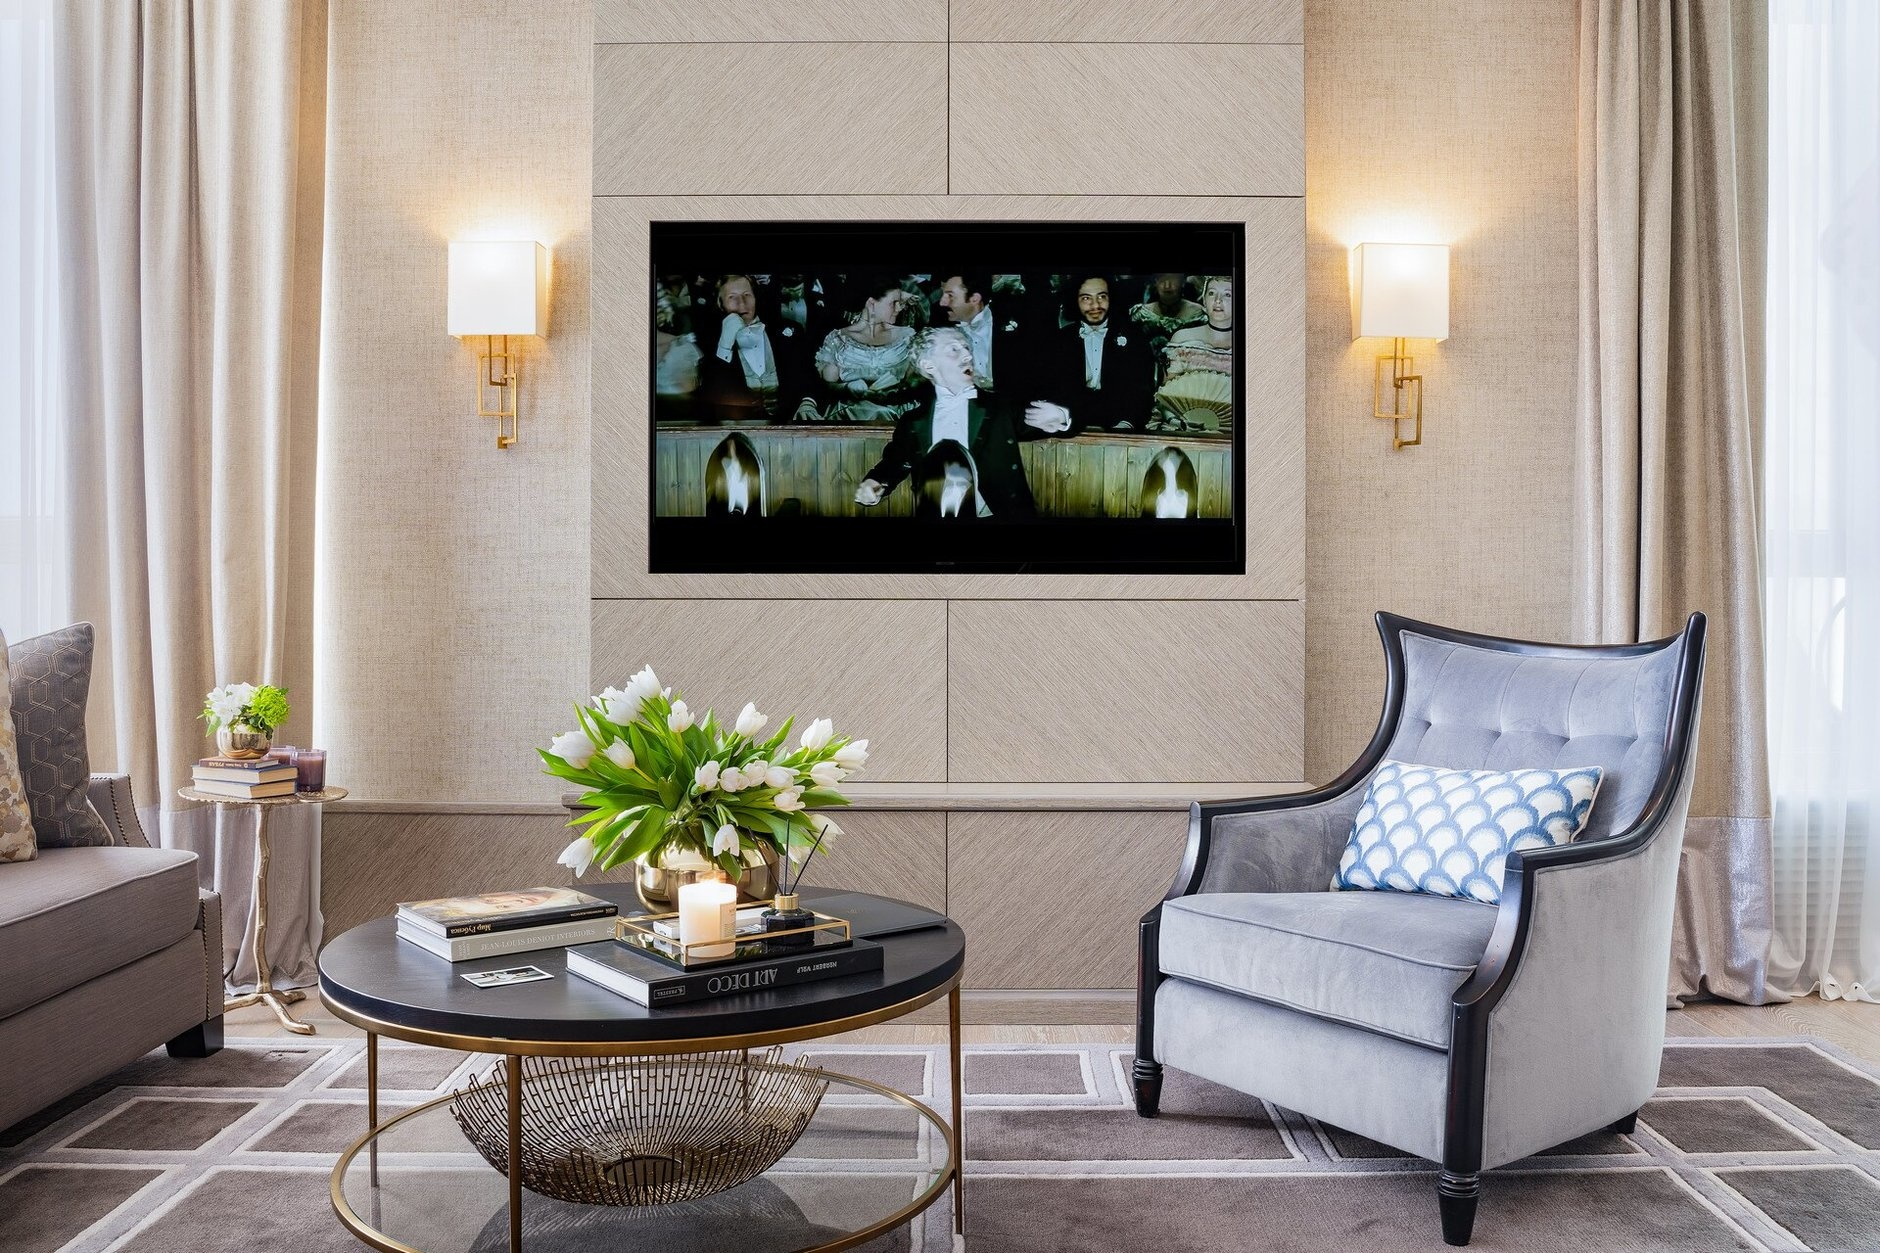 Телевизор в интерьере: 30 примеров оформления (галерея 1, фото 2)